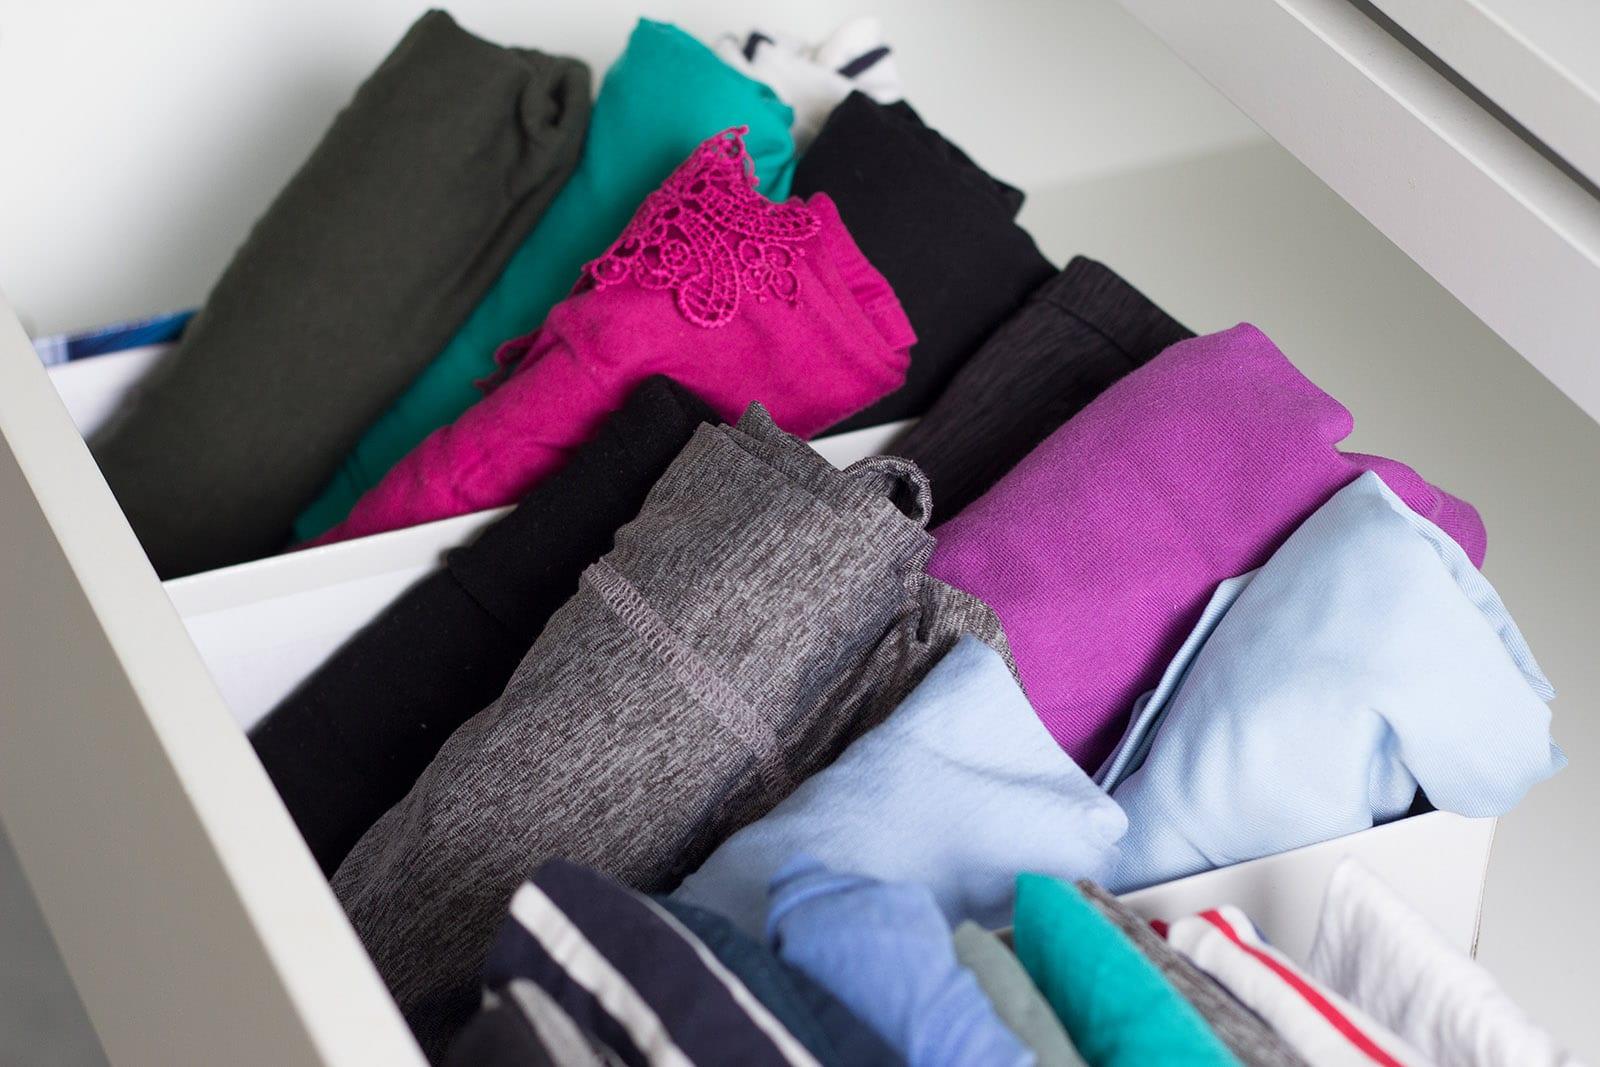 Kleiderschrank ausmisten – die Oberteile sind gerollt und in Boxen